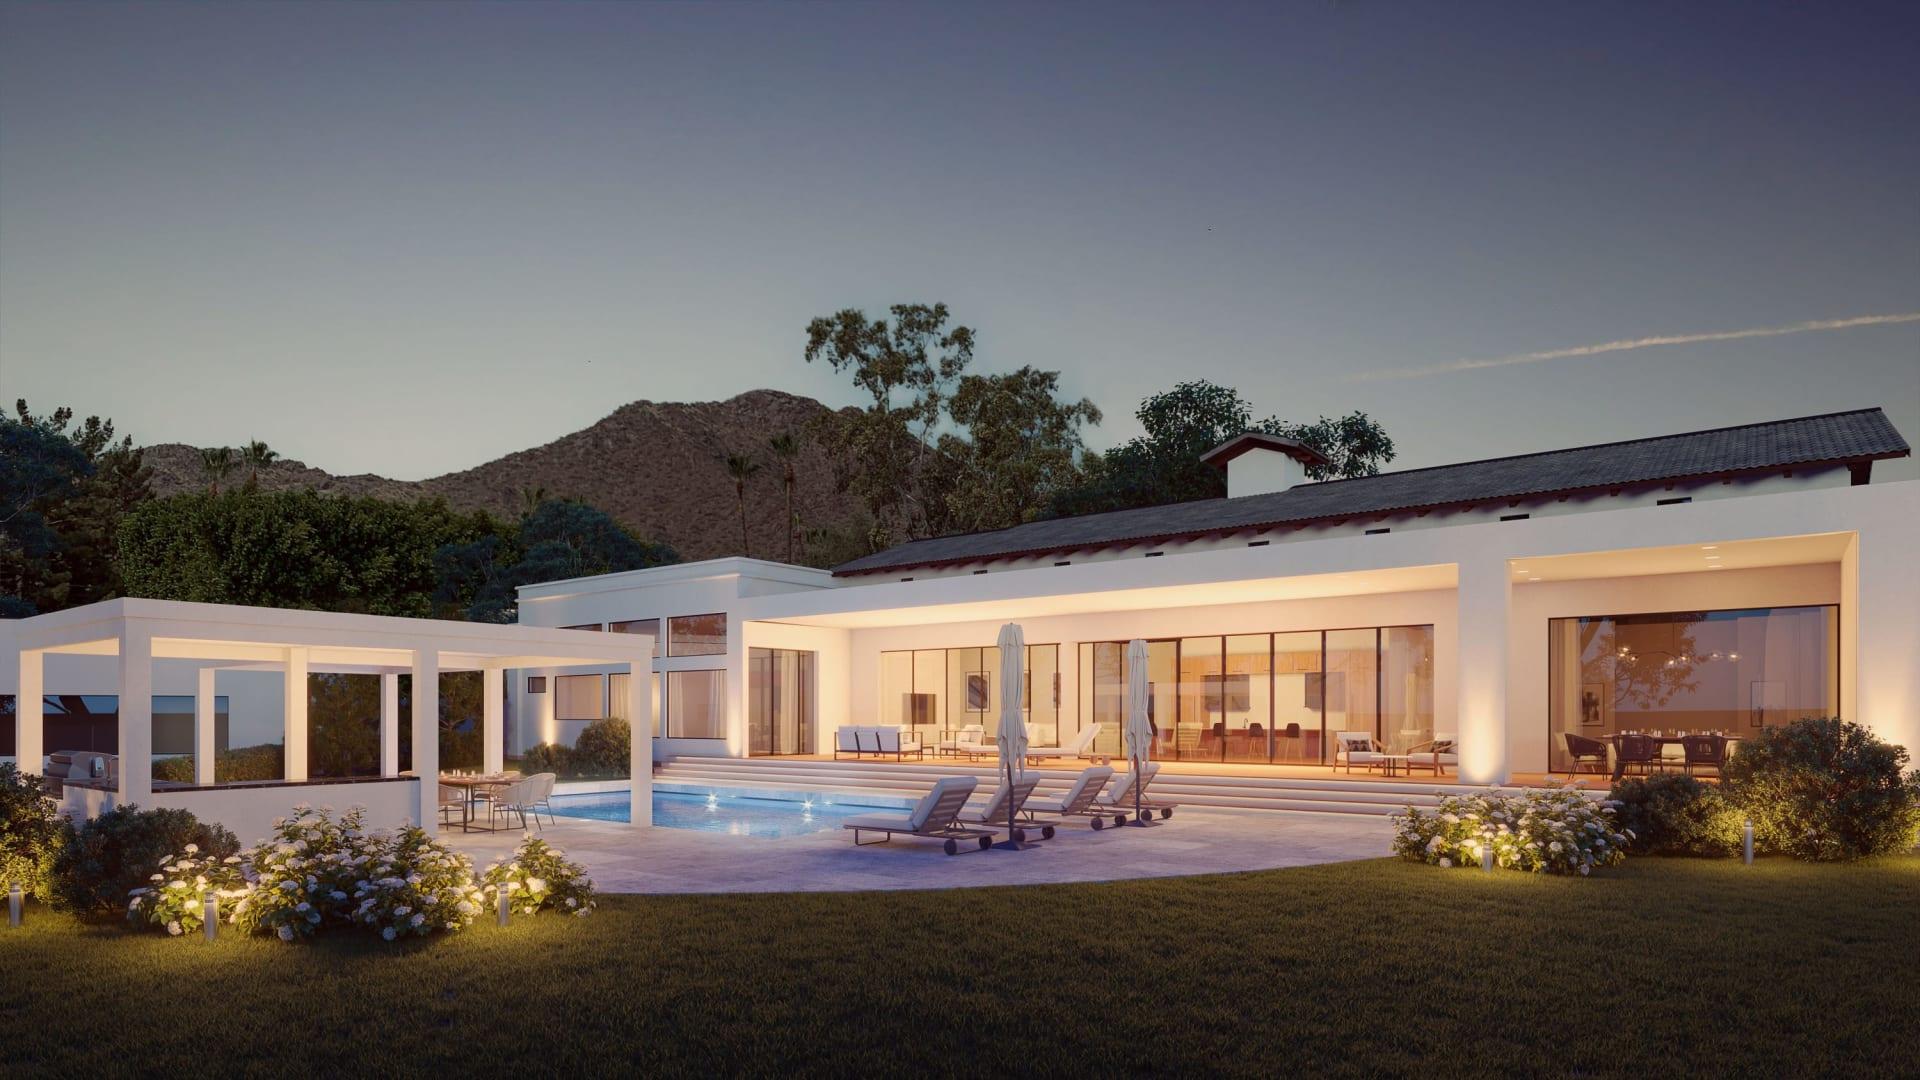 6163 N 61st Place, Paradise Valley, AZ